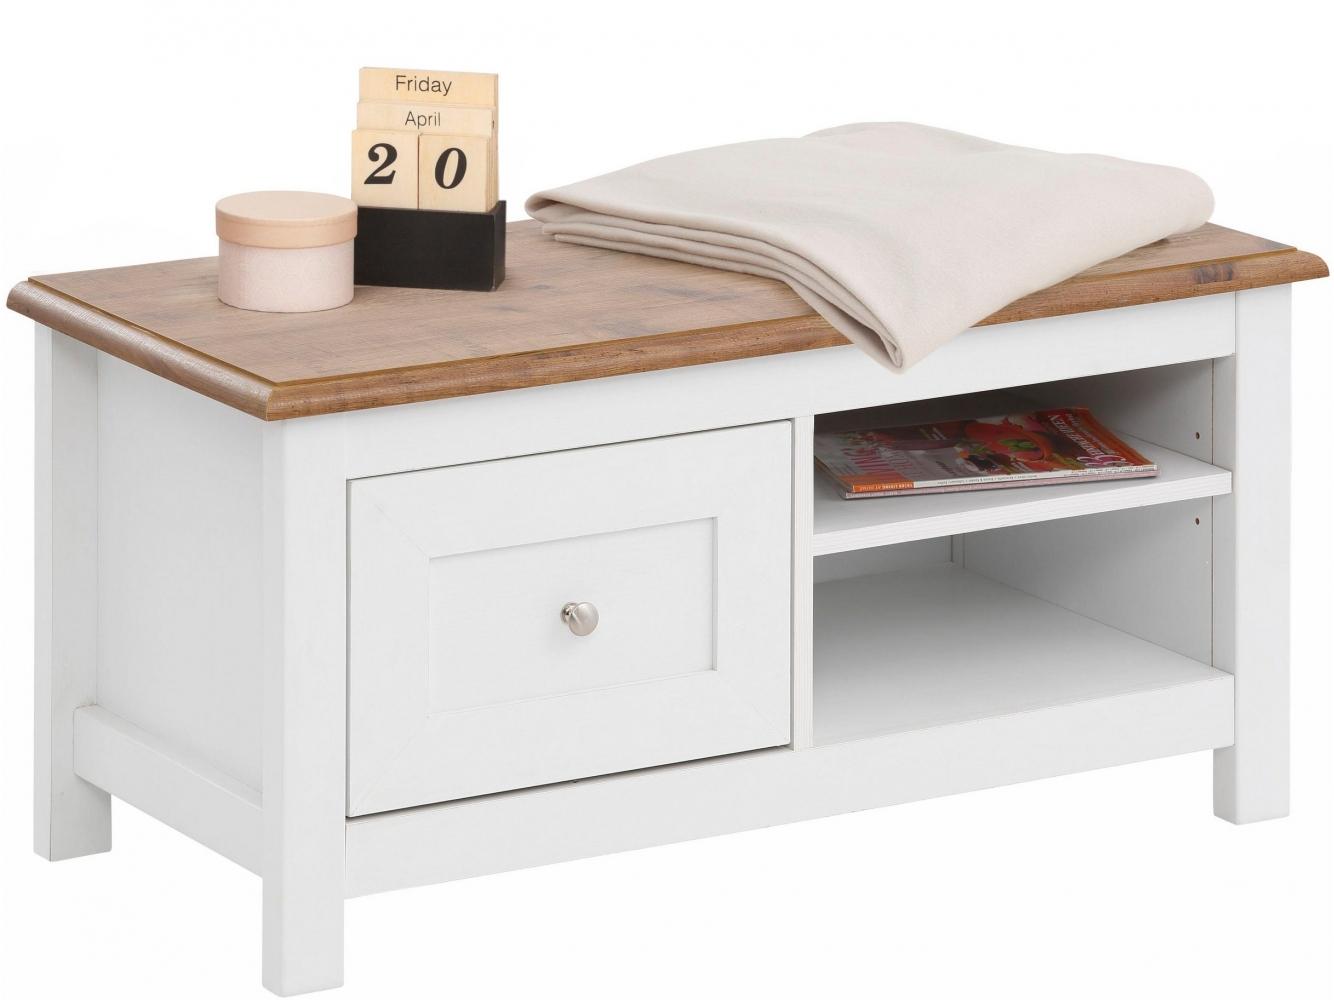 Botník s lavicí Keef, 90 cm, bílá